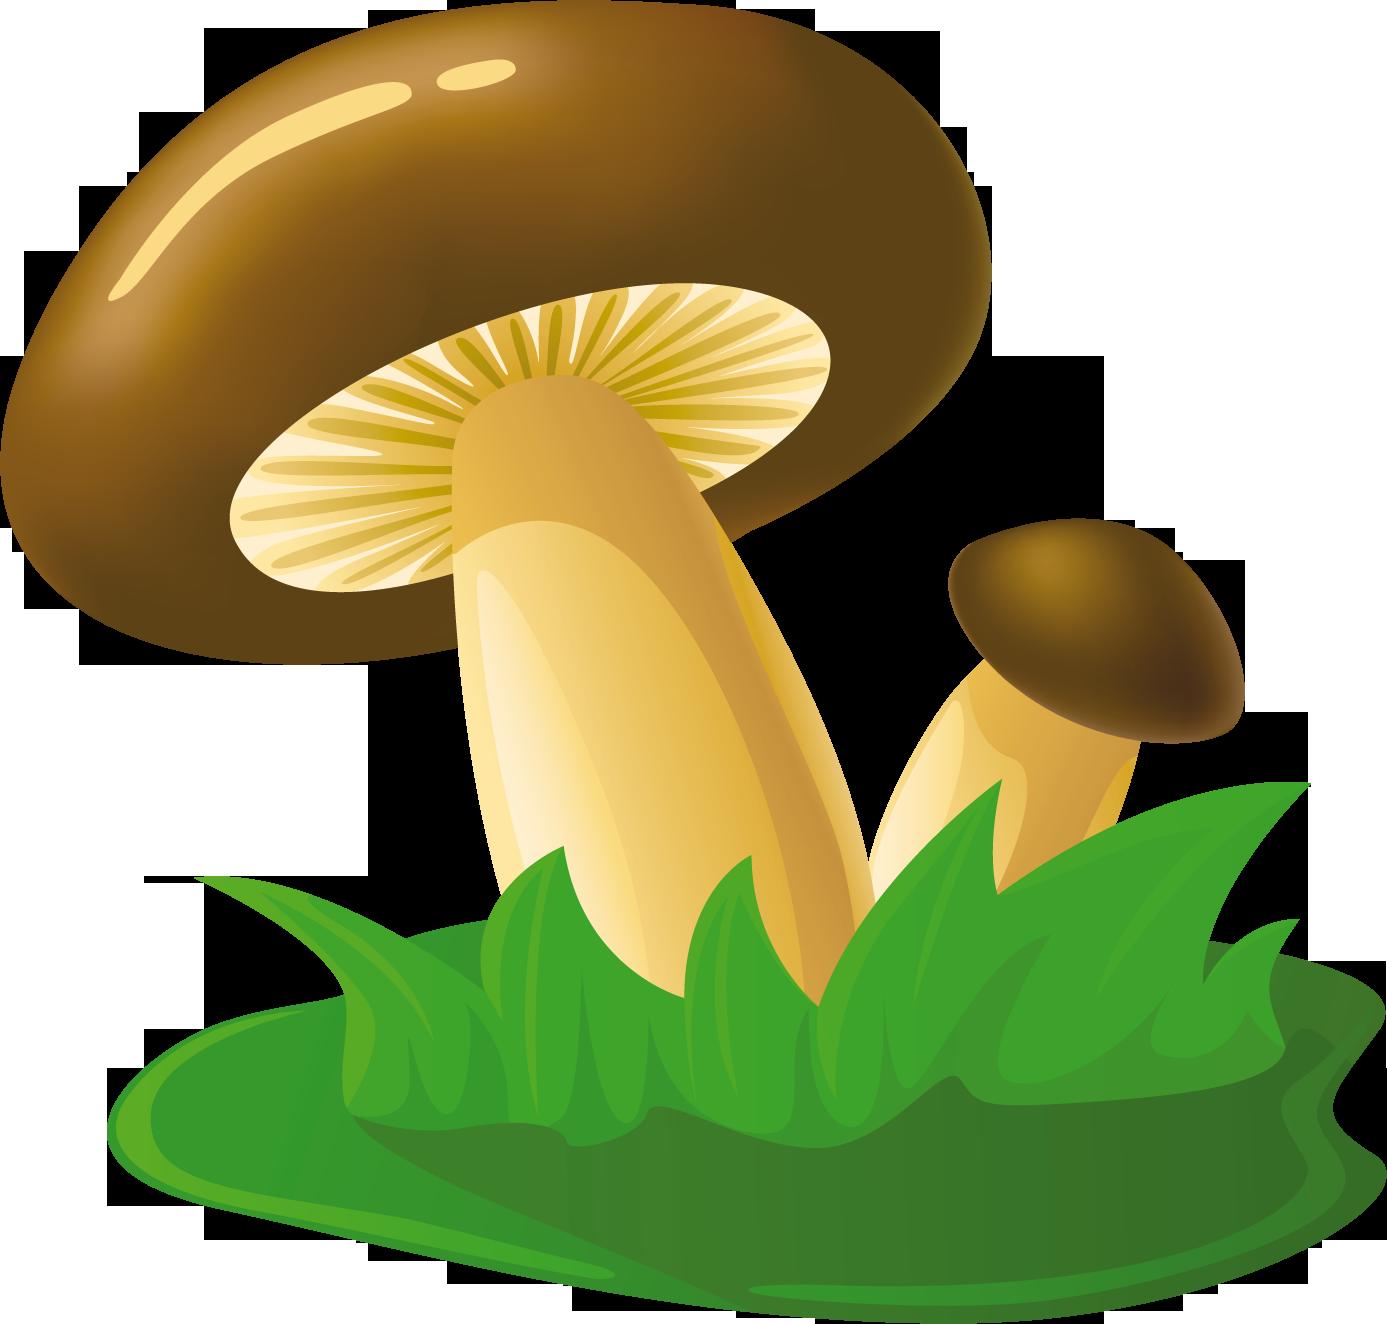 нарисованные картинки грибов лисичек